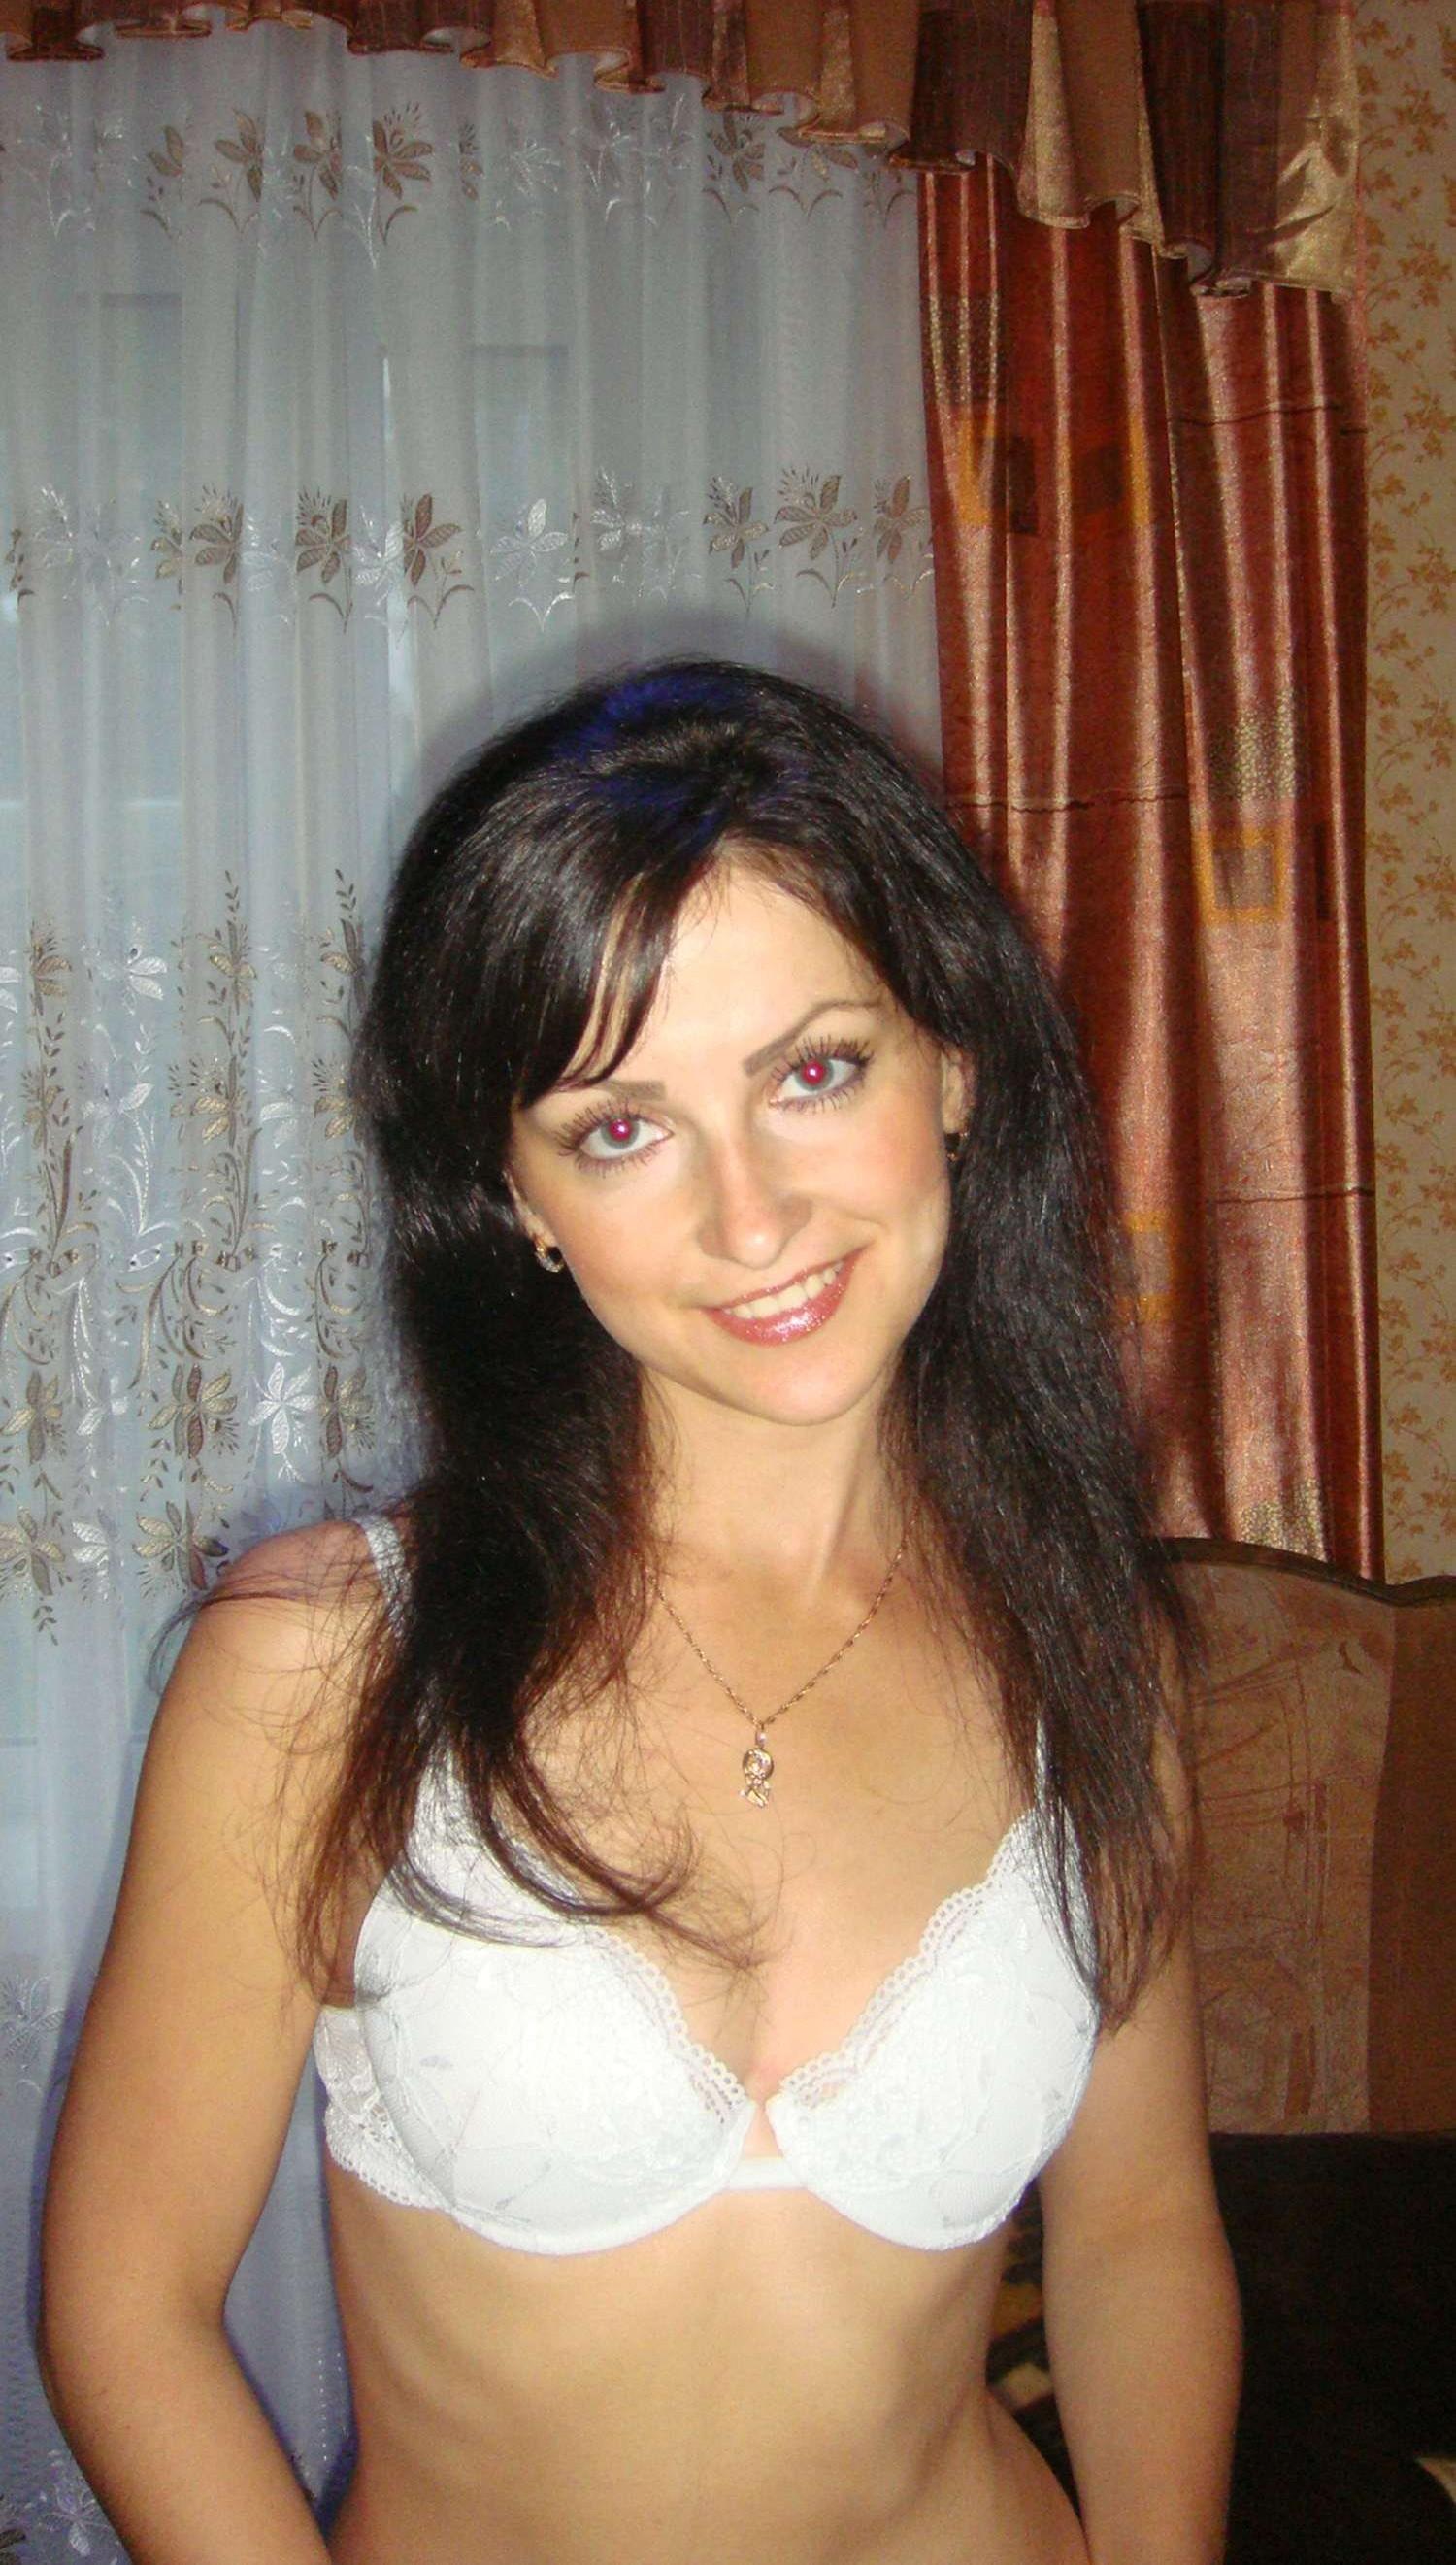 brunette-amateur-nude-milf-23